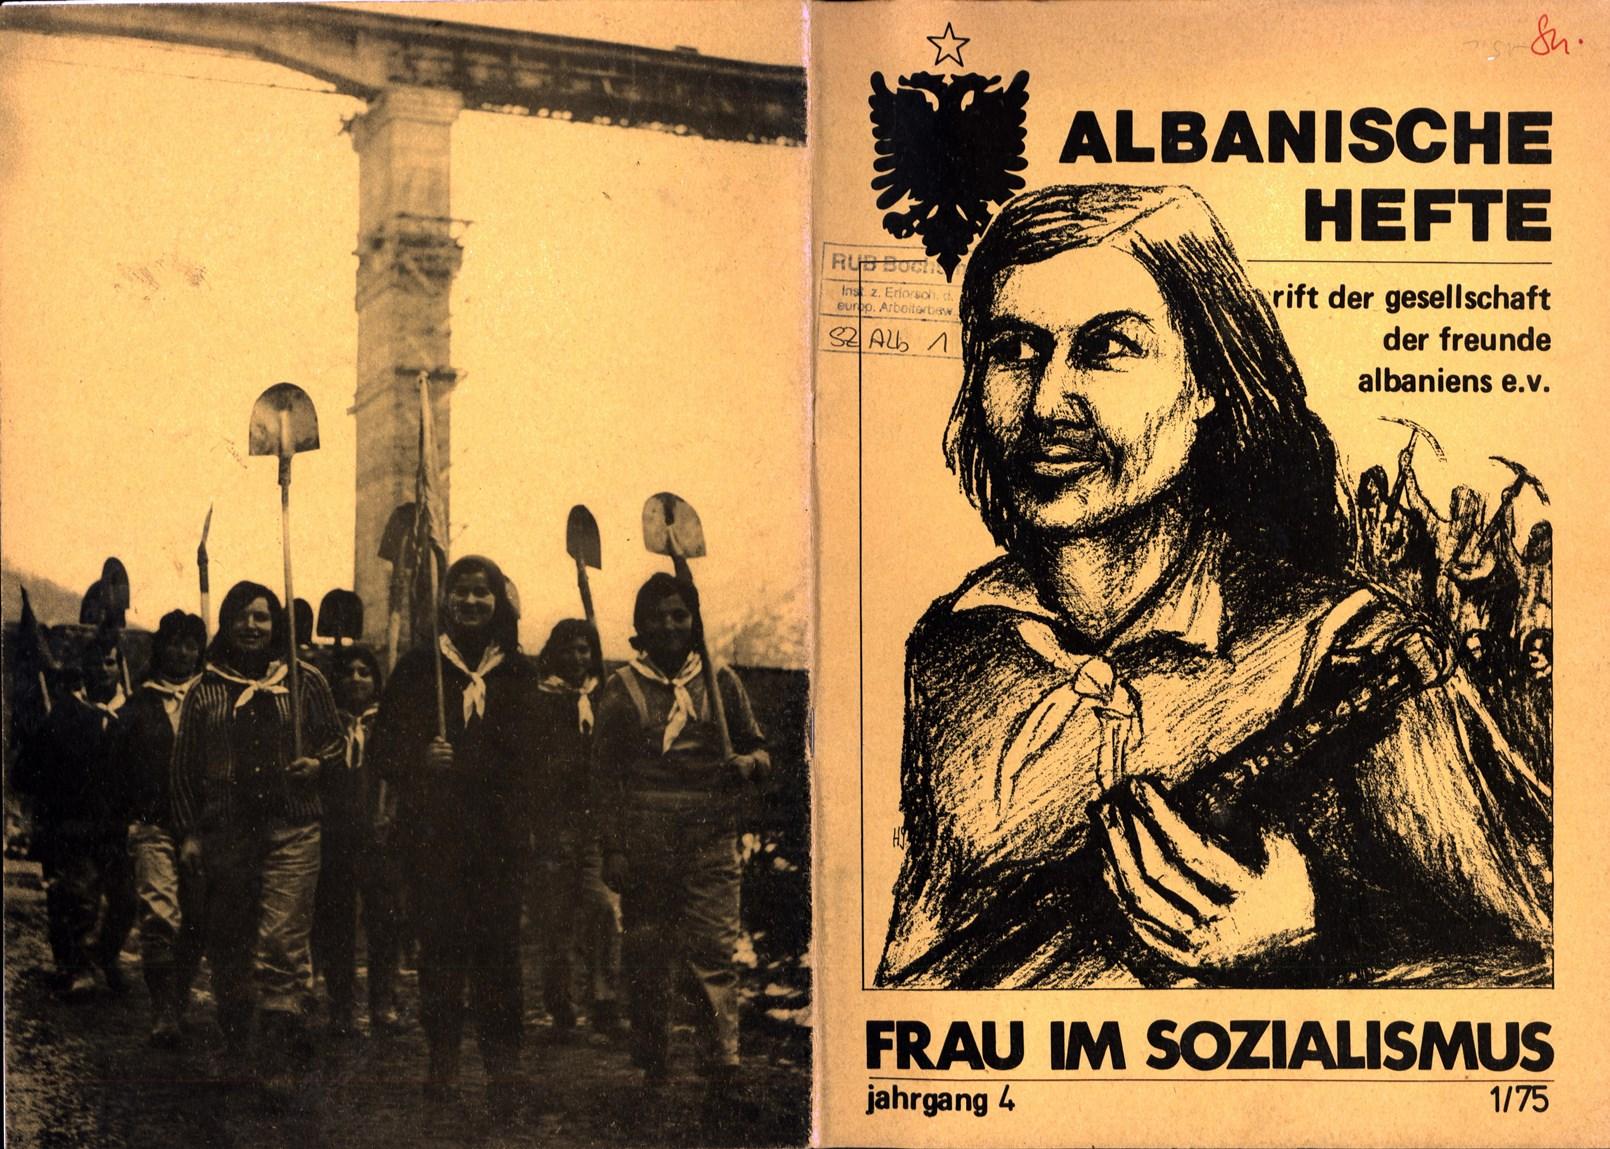 GFA_Albanische_Hefte_1975_01_01